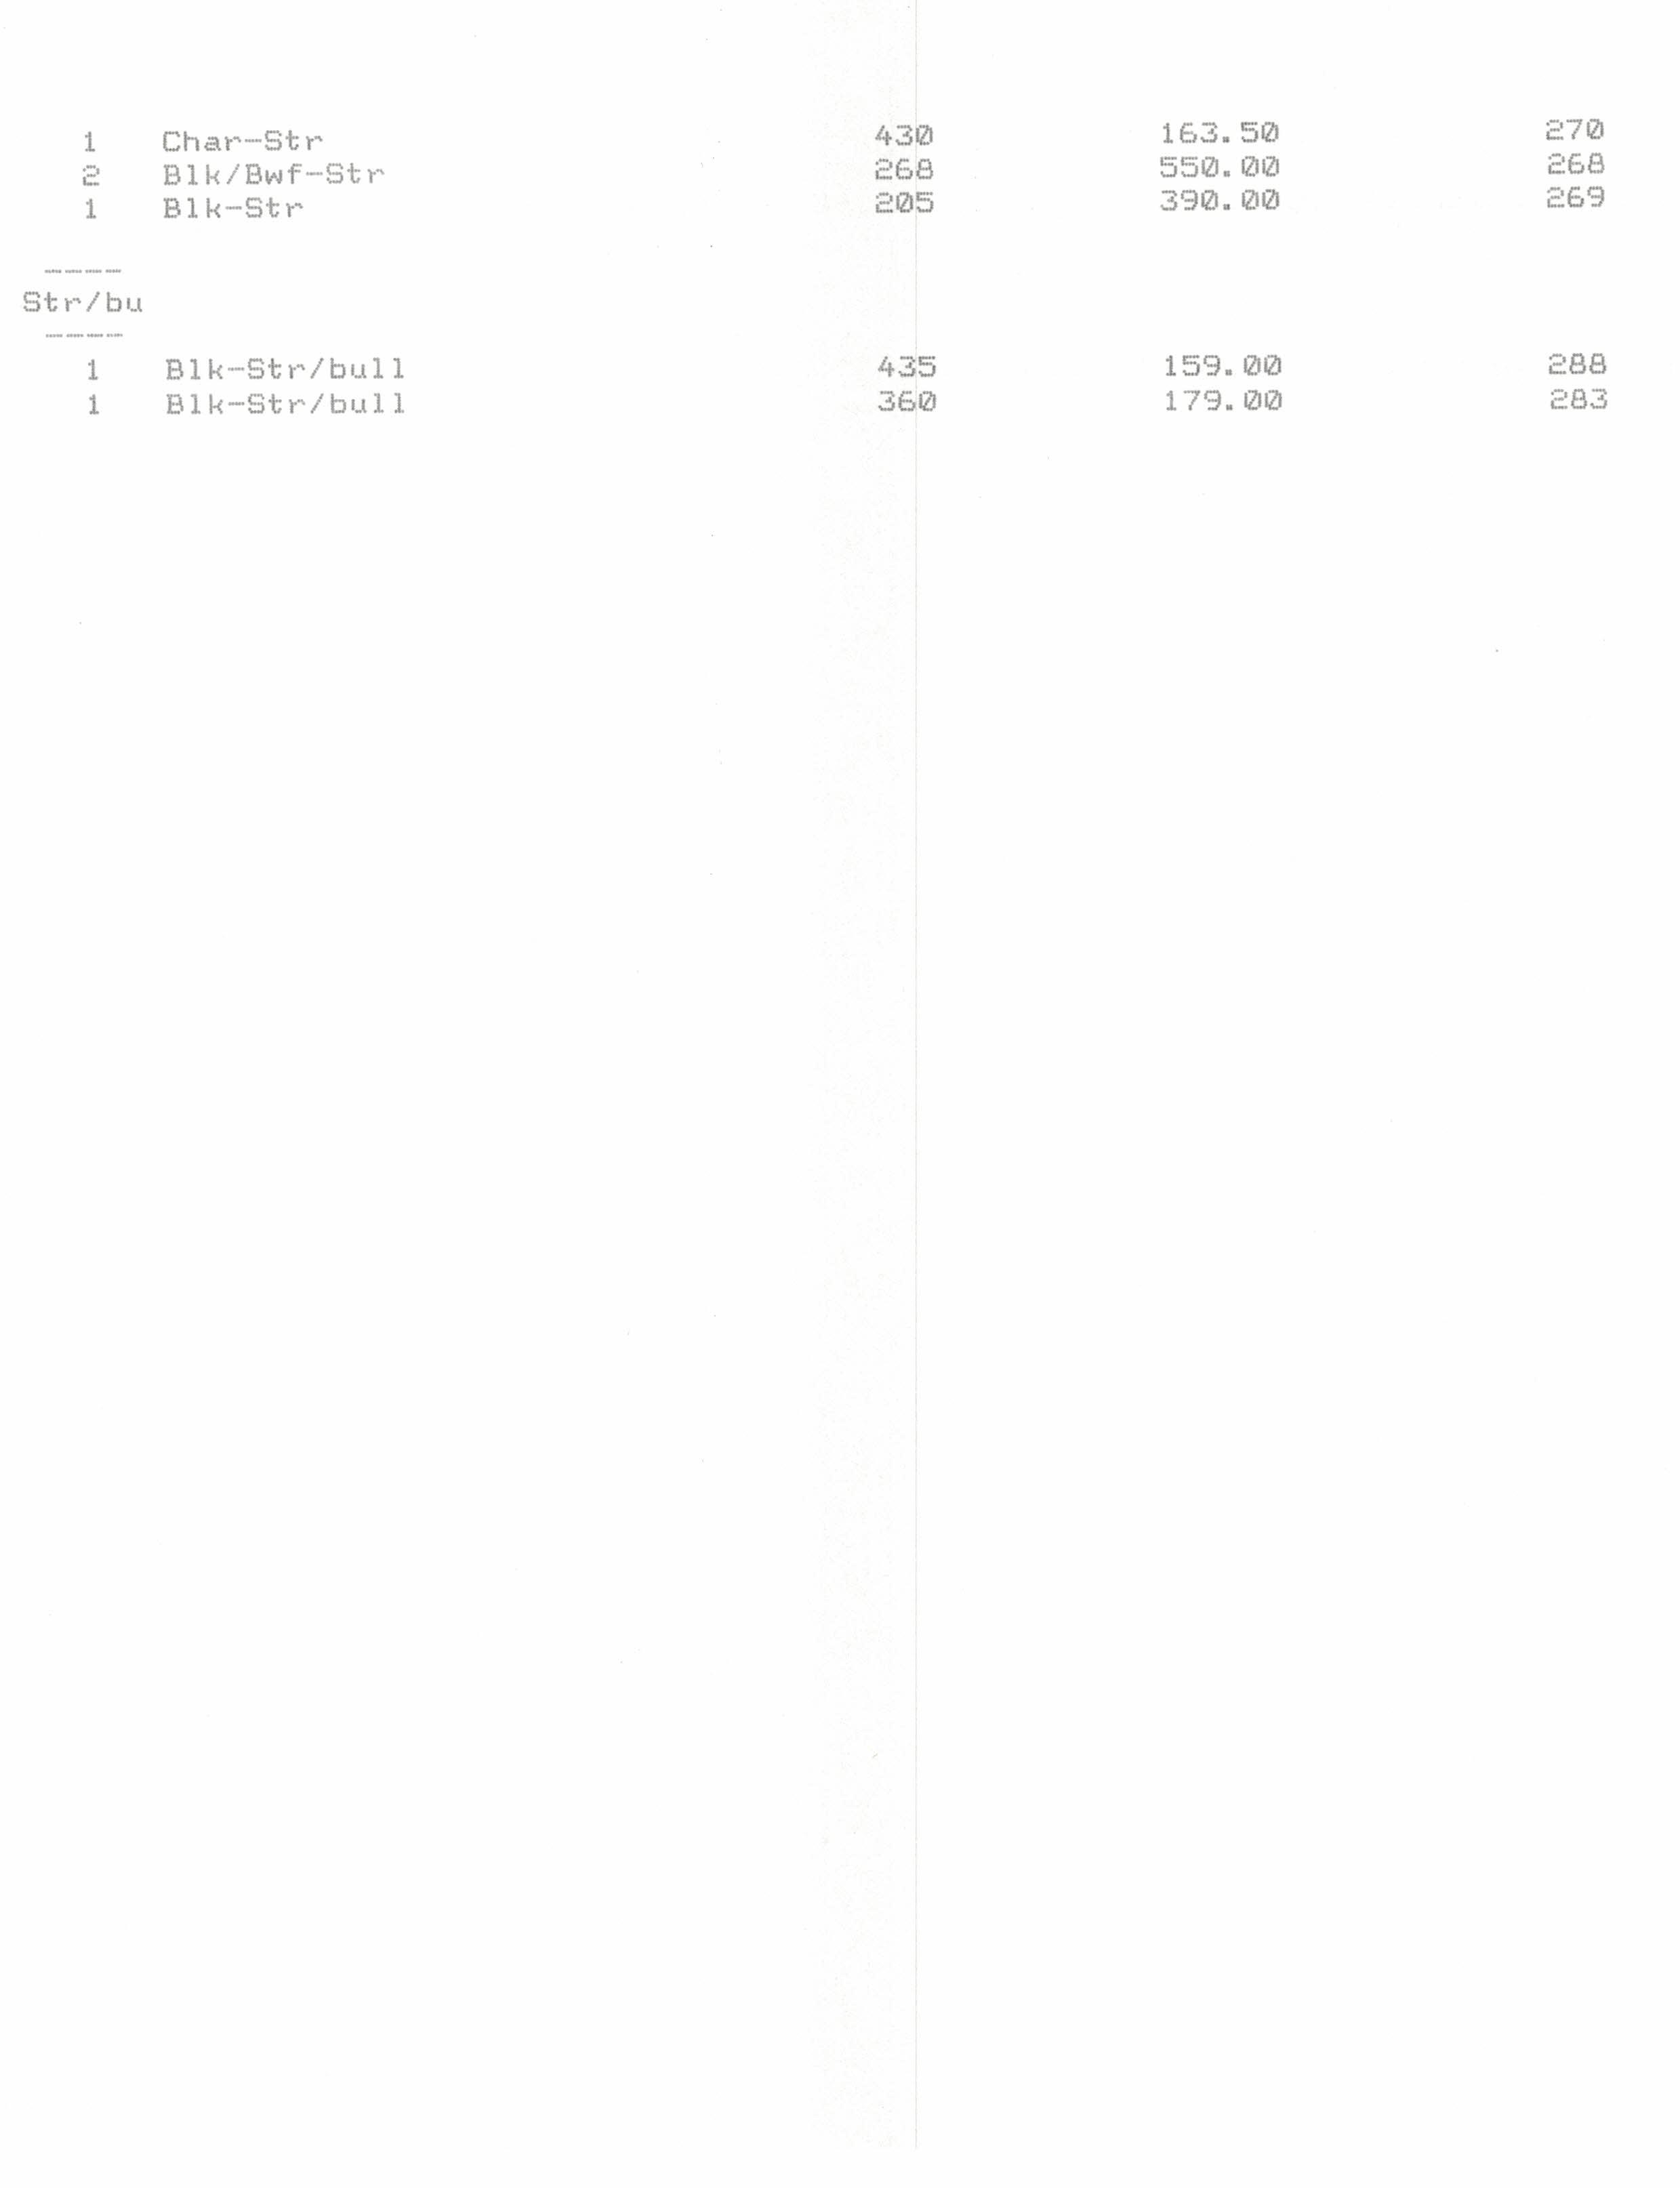 mrkt report05232019_0005.jpg